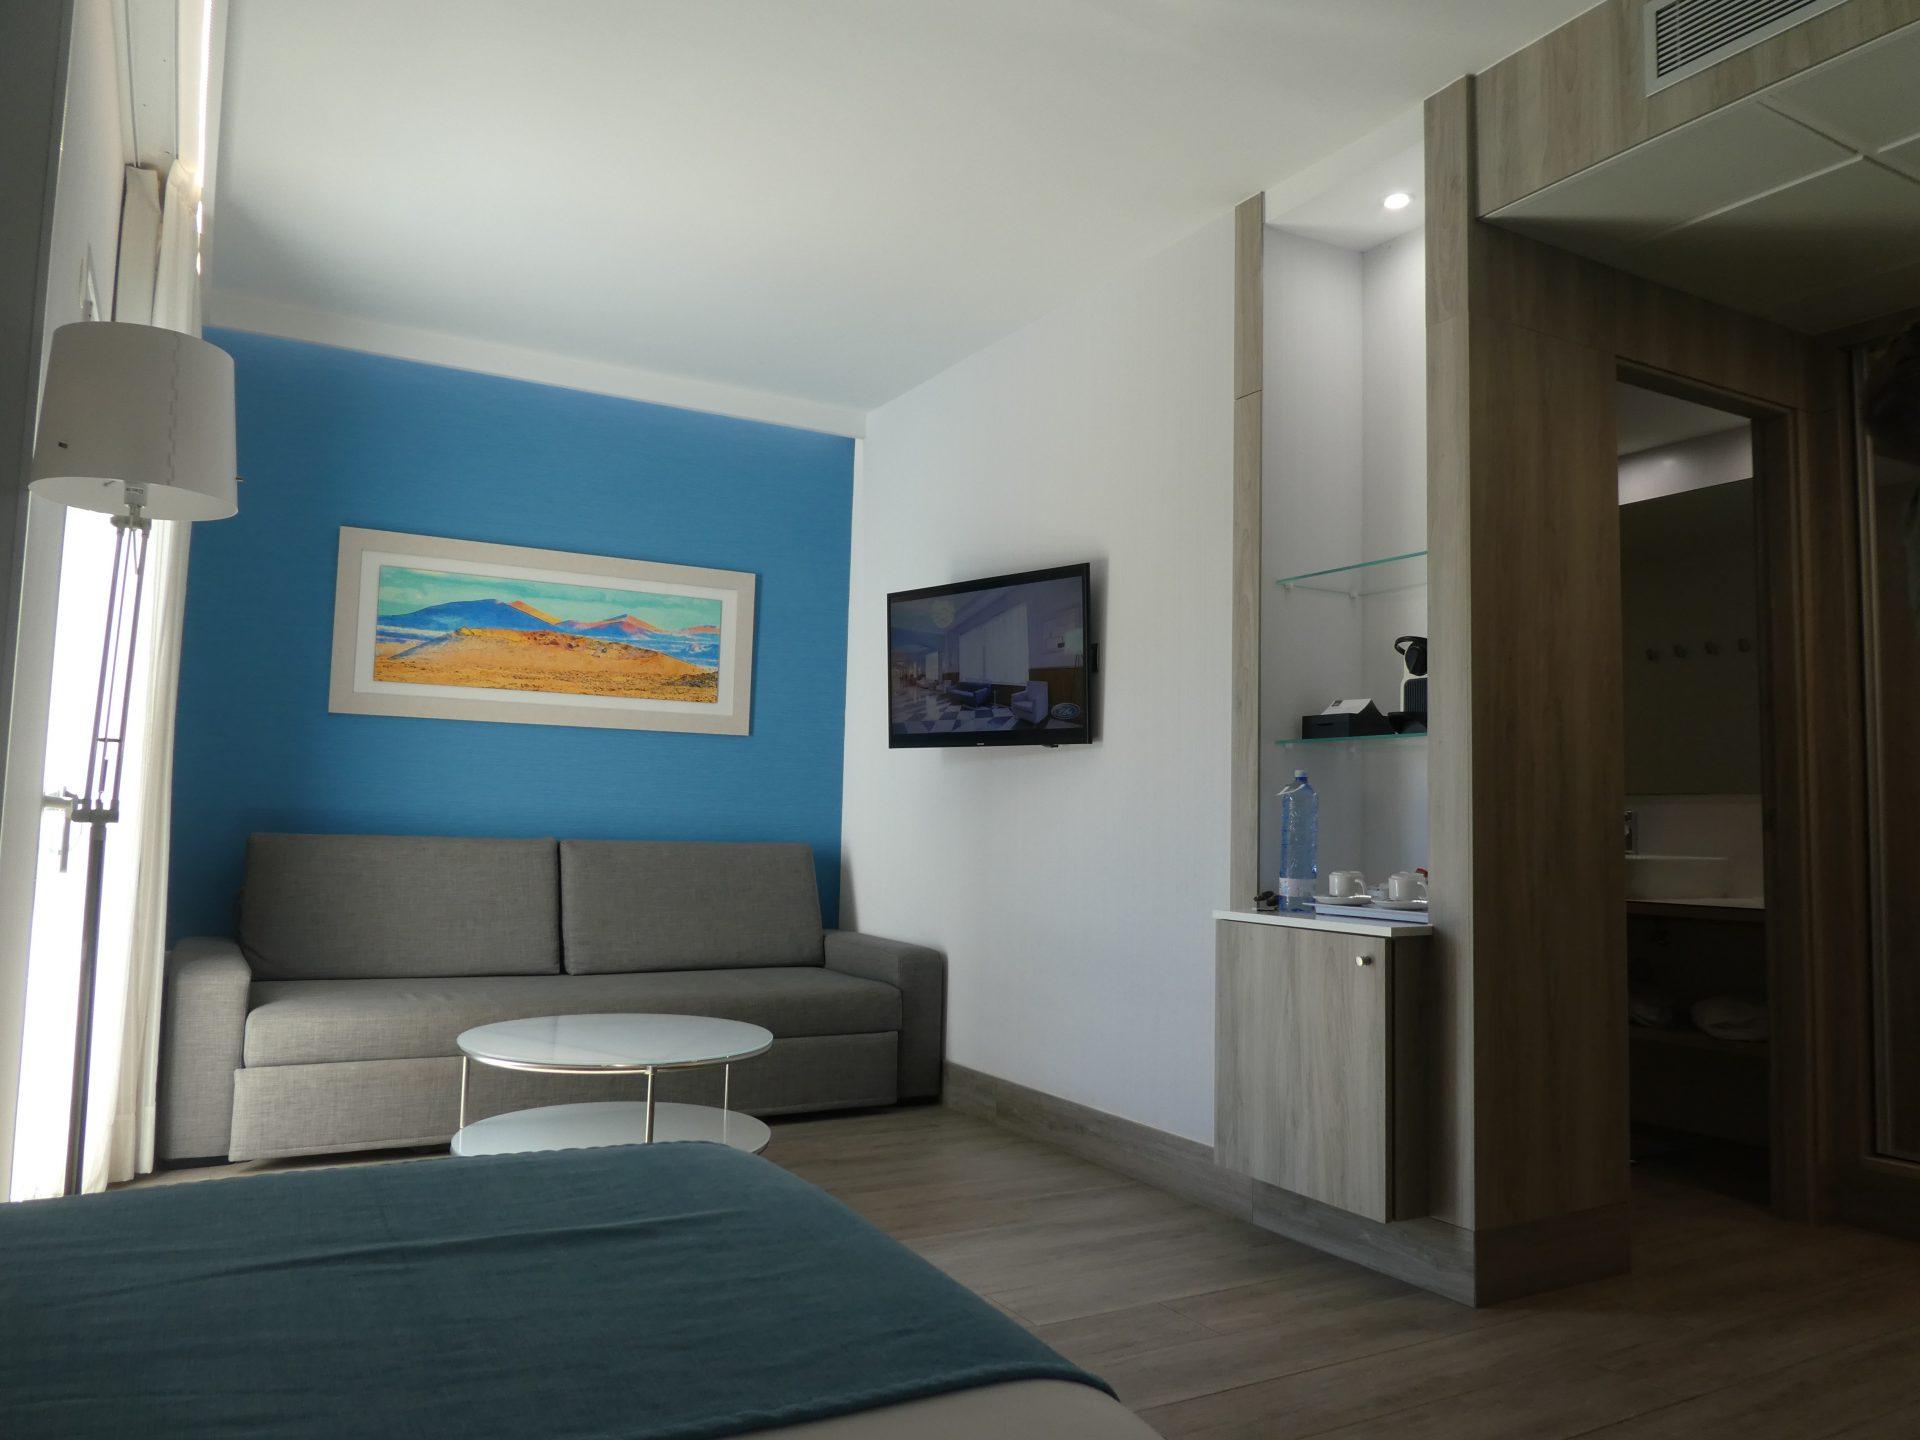 Hôtel Elba Lanzarote, salon suites premium